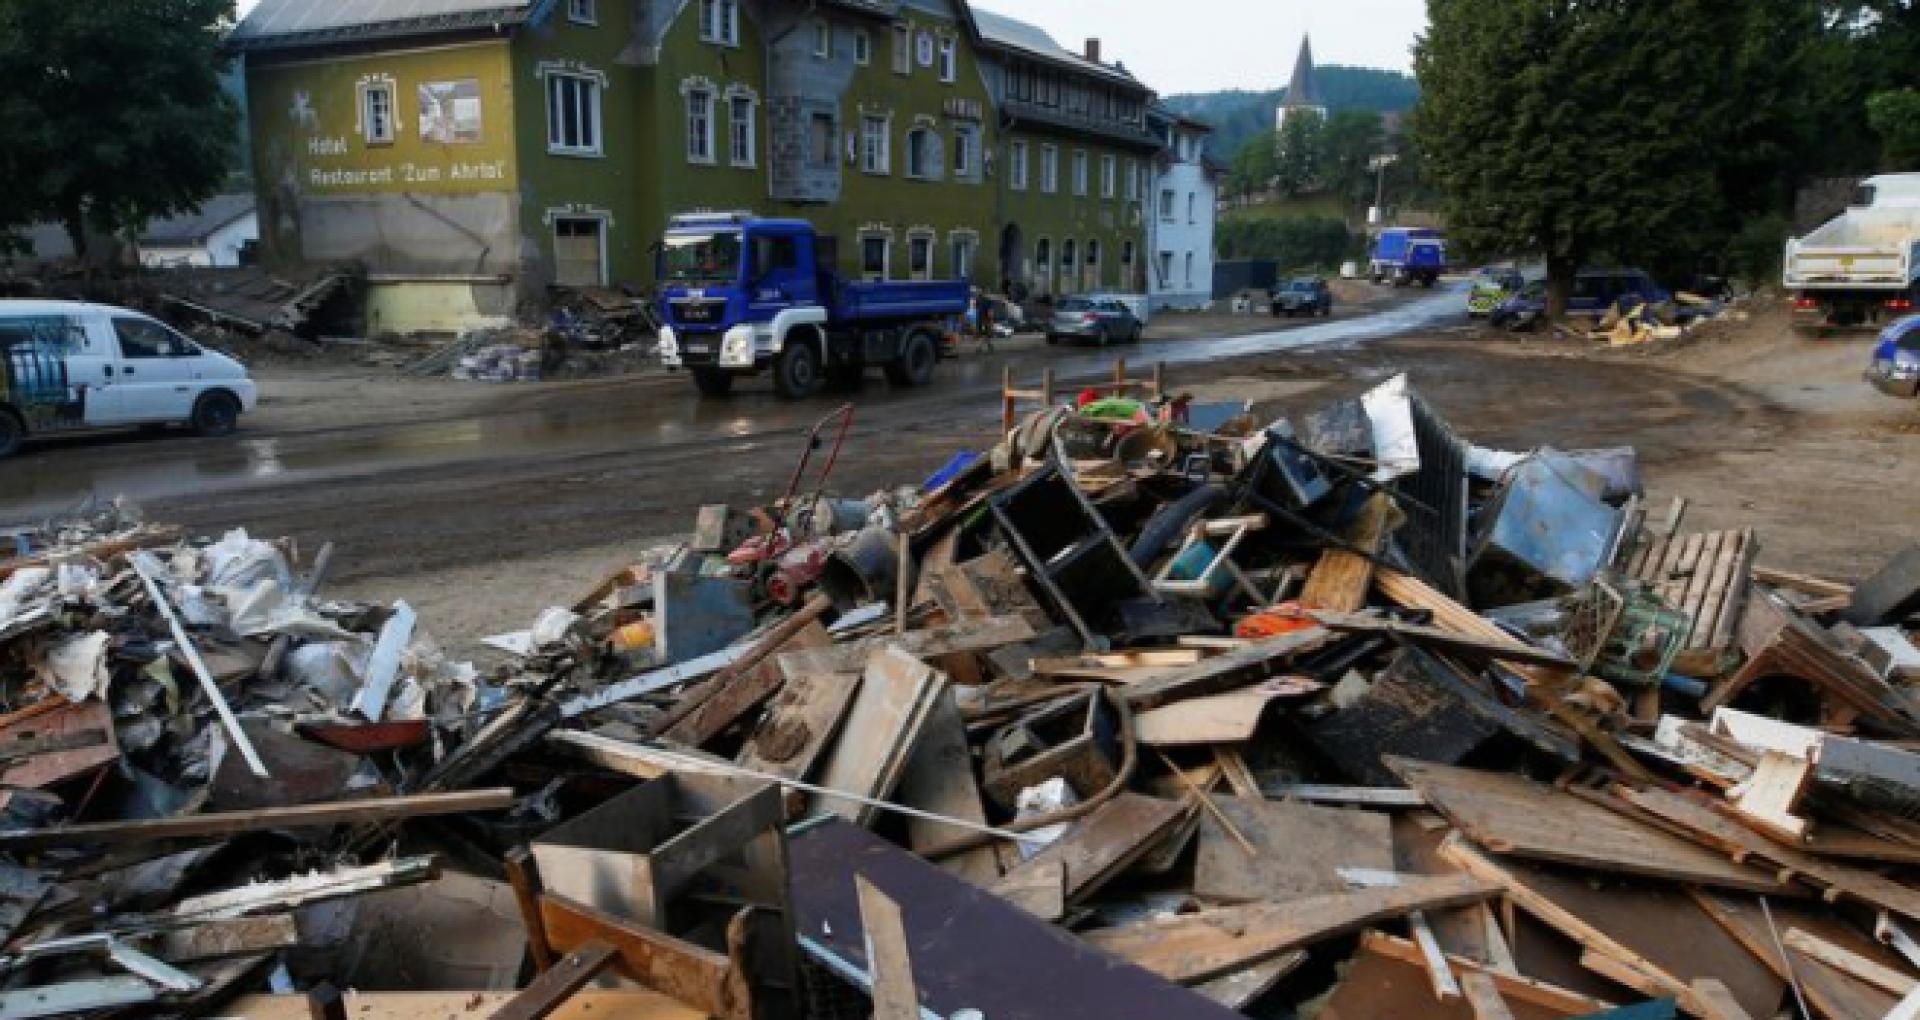 Imagini cu dezastrul din Germania. Inundațiile catastrofale au lăsat în urmă daune de 2 miliarde de euro doar la infrastructura rutieră